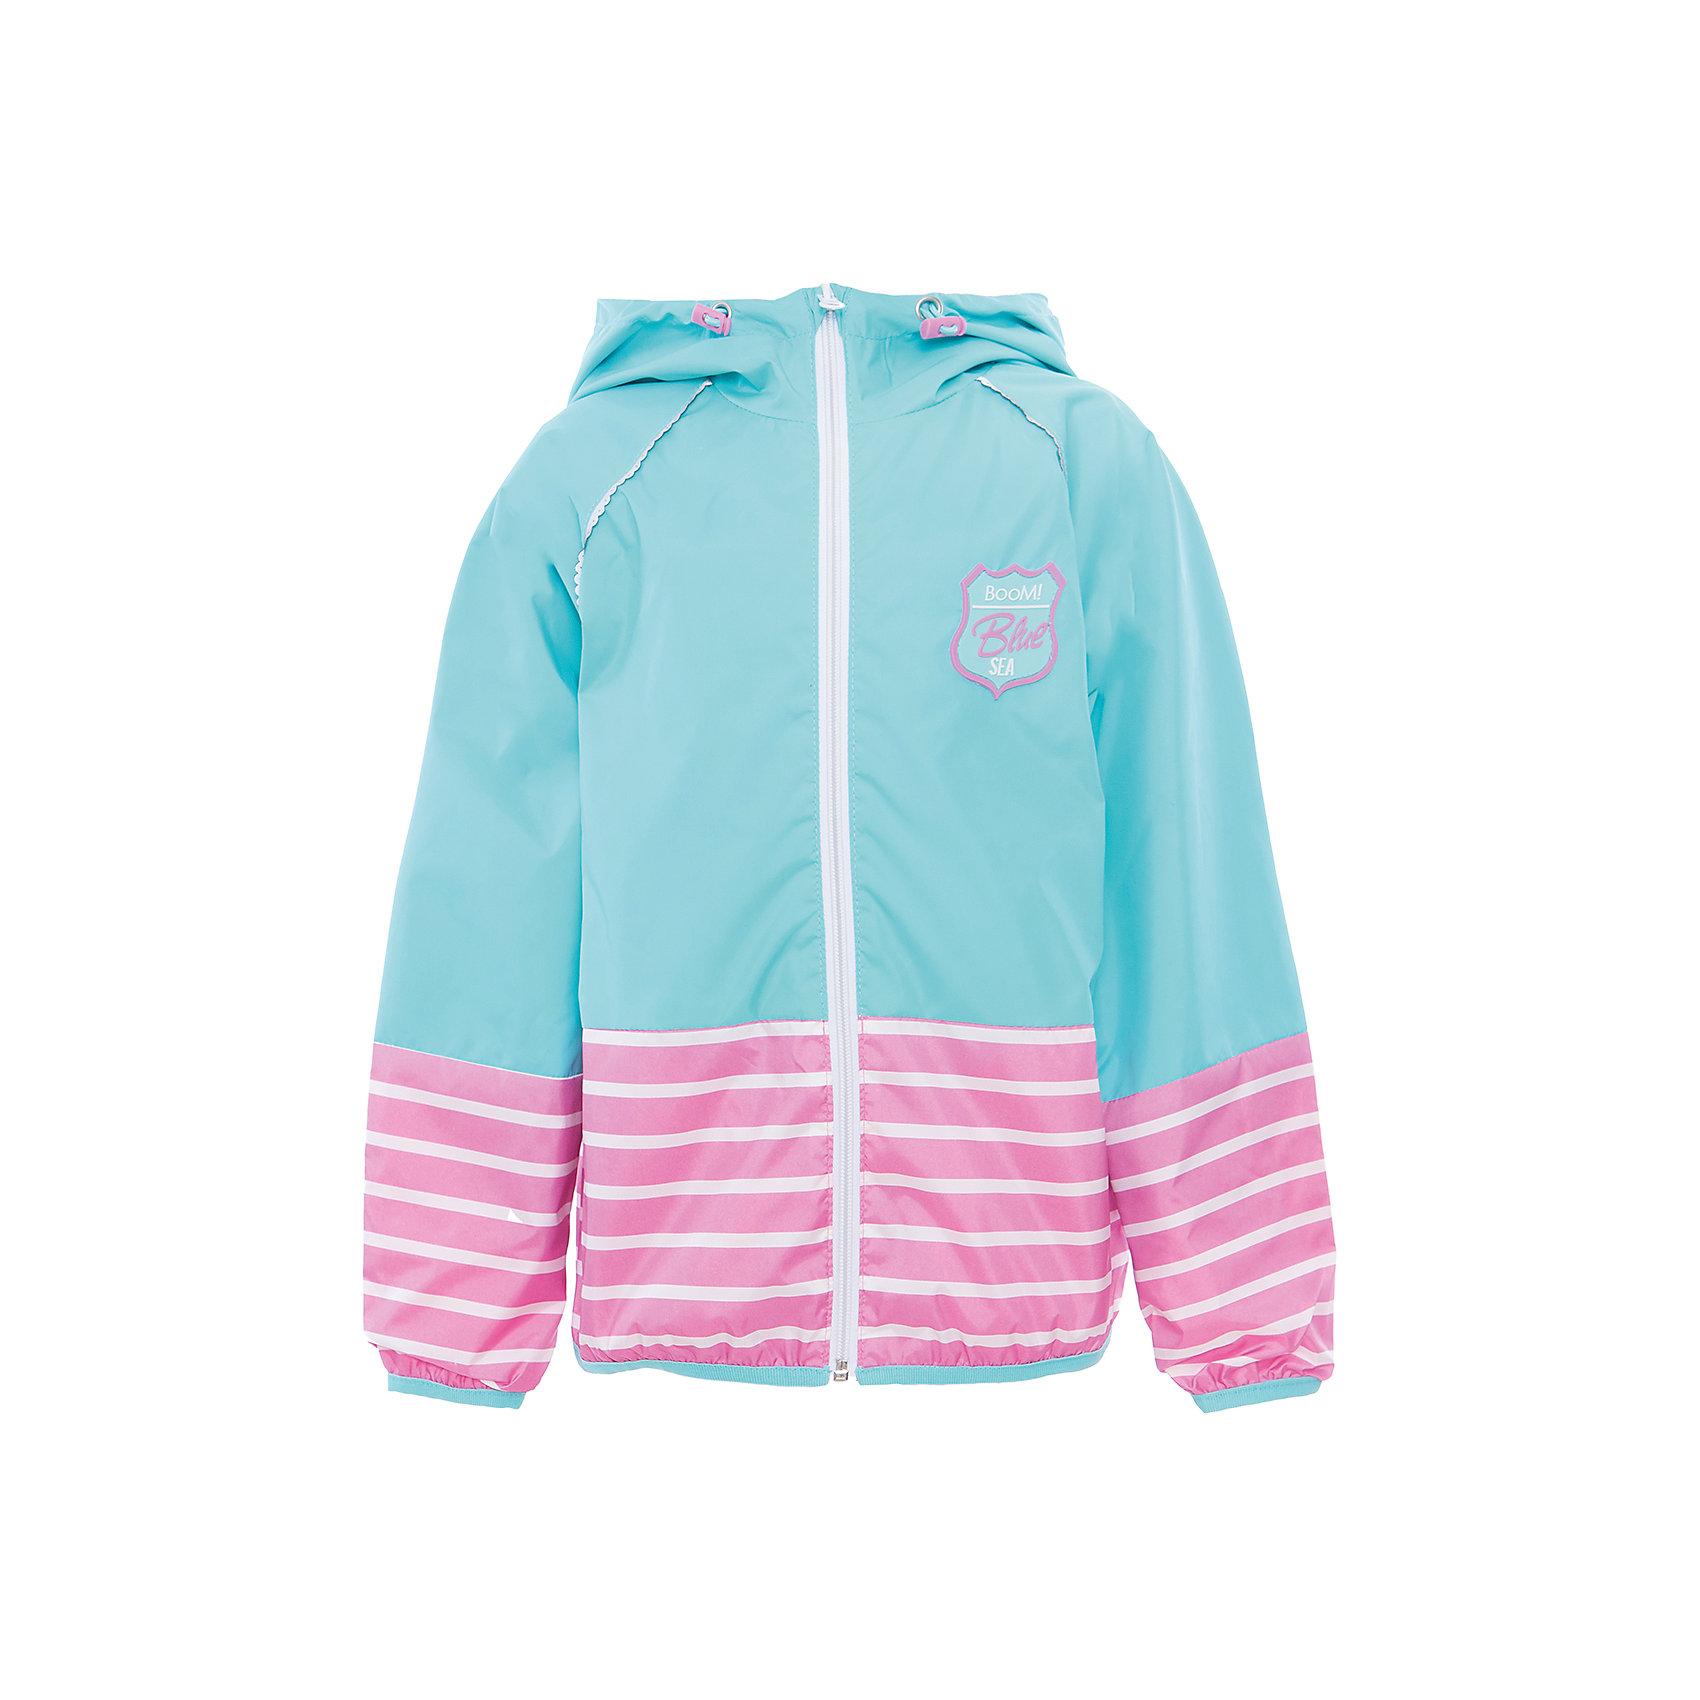 Куртка для девочки BOOM by OrbyВесенняя капель<br>Характеристики товара:<br><br>• цвет: голубой<br>• состав: 80% полиэстер, 20% хлопок, верх - таффета, подкладка - поликоттон, полиэстер, без утеплителя<br>• температурный режим: от +5°до +15°С<br>• карманы<br>• застежка - молния<br>• капюшон с утяжкой<br>• украшена нашивкой<br>• эластичные манжеты<br>• комфортная посадка<br>• страна производства: Российская Федерация<br>• страна бренда: Российская Федерация<br>• коллекция: весна-лето 2017<br><br>Легкая куртка - универсальный вариант и для прохладного летнего вечера, и для теплого межсезонья. Эта модель - модная и удобная одновременно! Изделие отличается стильным ярким дизайном. Куртка хорошо сидит по фигуре, отлично сочетается с различным низом. Вещь была разработана специально для детей.<br><br>Одежда от российского бренда BOOM by Orby уже завоевала популярностью у многих детей и их родителей. Вещи, выпускаемые компанией, качественные, продуманные и очень удобные. Для производства коллекций используются только безопасные для детей материалы. Спешите приобрести модели из новой коллекции Весна-лето 2017! <br><br>Куртку для девочки от бренда BOOM by Orby можно купить в нашем интернет-магазине.<br><br>Ширина мм: 356<br>Глубина мм: 10<br>Высота мм: 245<br>Вес г: 519<br>Цвет: голубой<br>Возраст от месяцев: 36<br>Возраст до месяцев: 48<br>Пол: Женский<br>Возраст: Детский<br>Размер: 104,158,86,92,98,110,116,122,128,134,140,146,152<br>SKU: 5343577